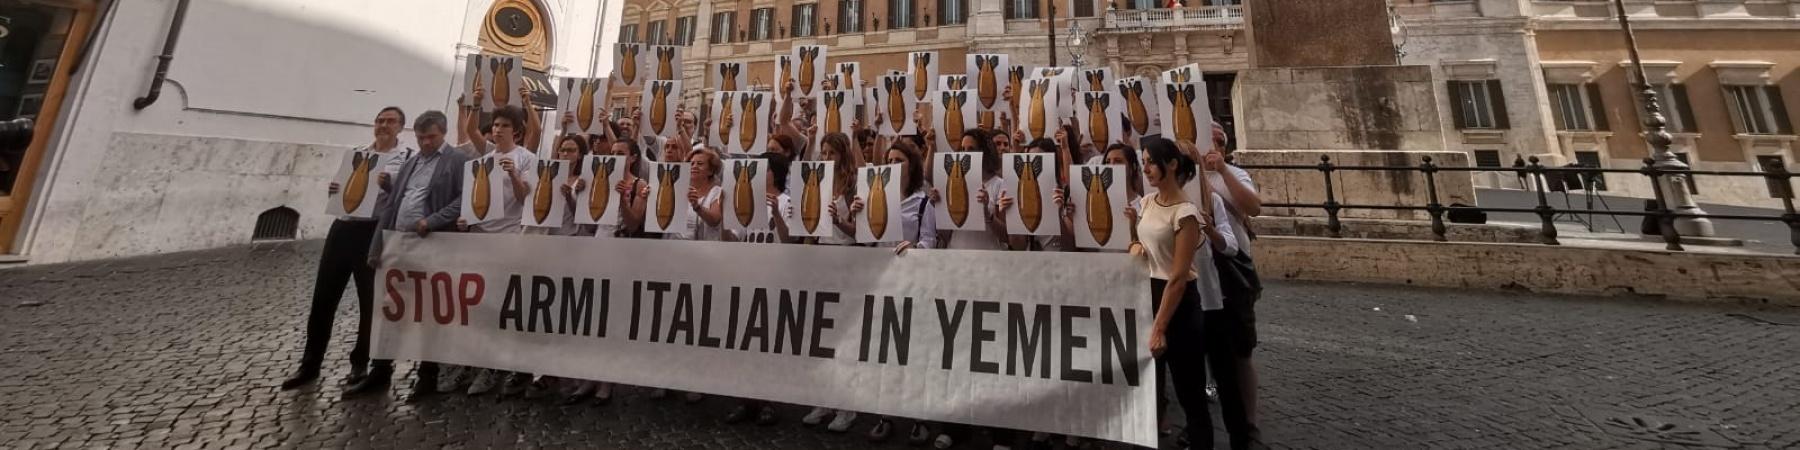 piazza Montecitorio a Roma flash mob con persone davanti a striscione per chiedere lo stop allesportazione di armi in Yemen